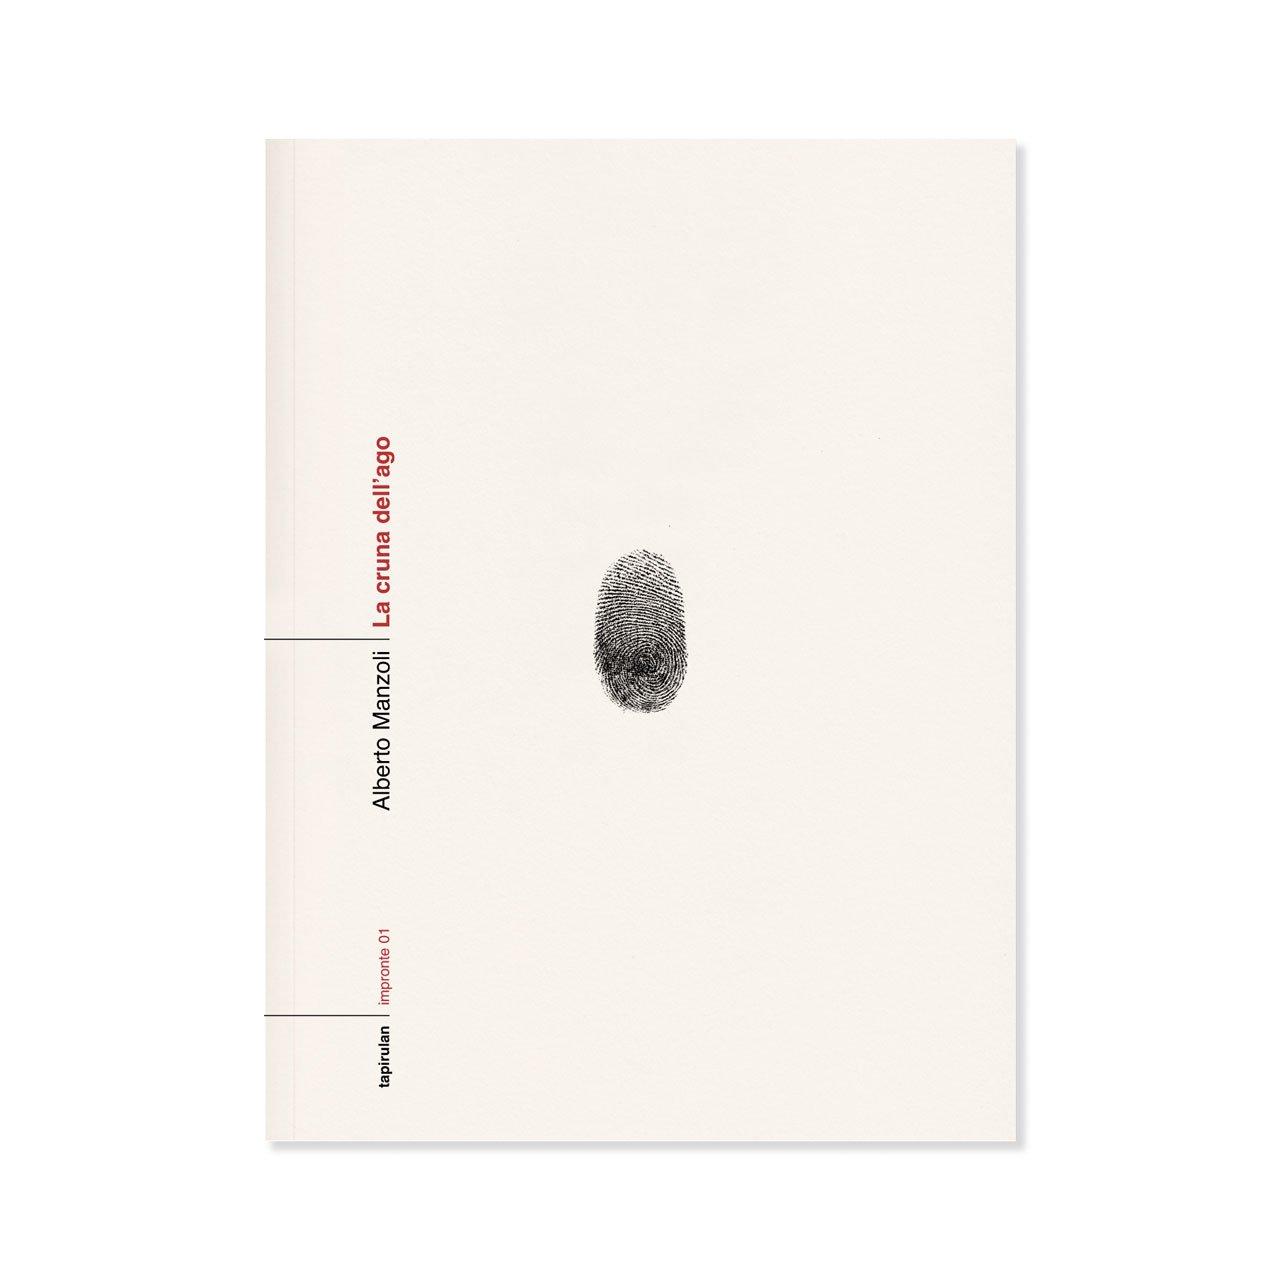 La cruna dell'ago - Alberto Manzoli